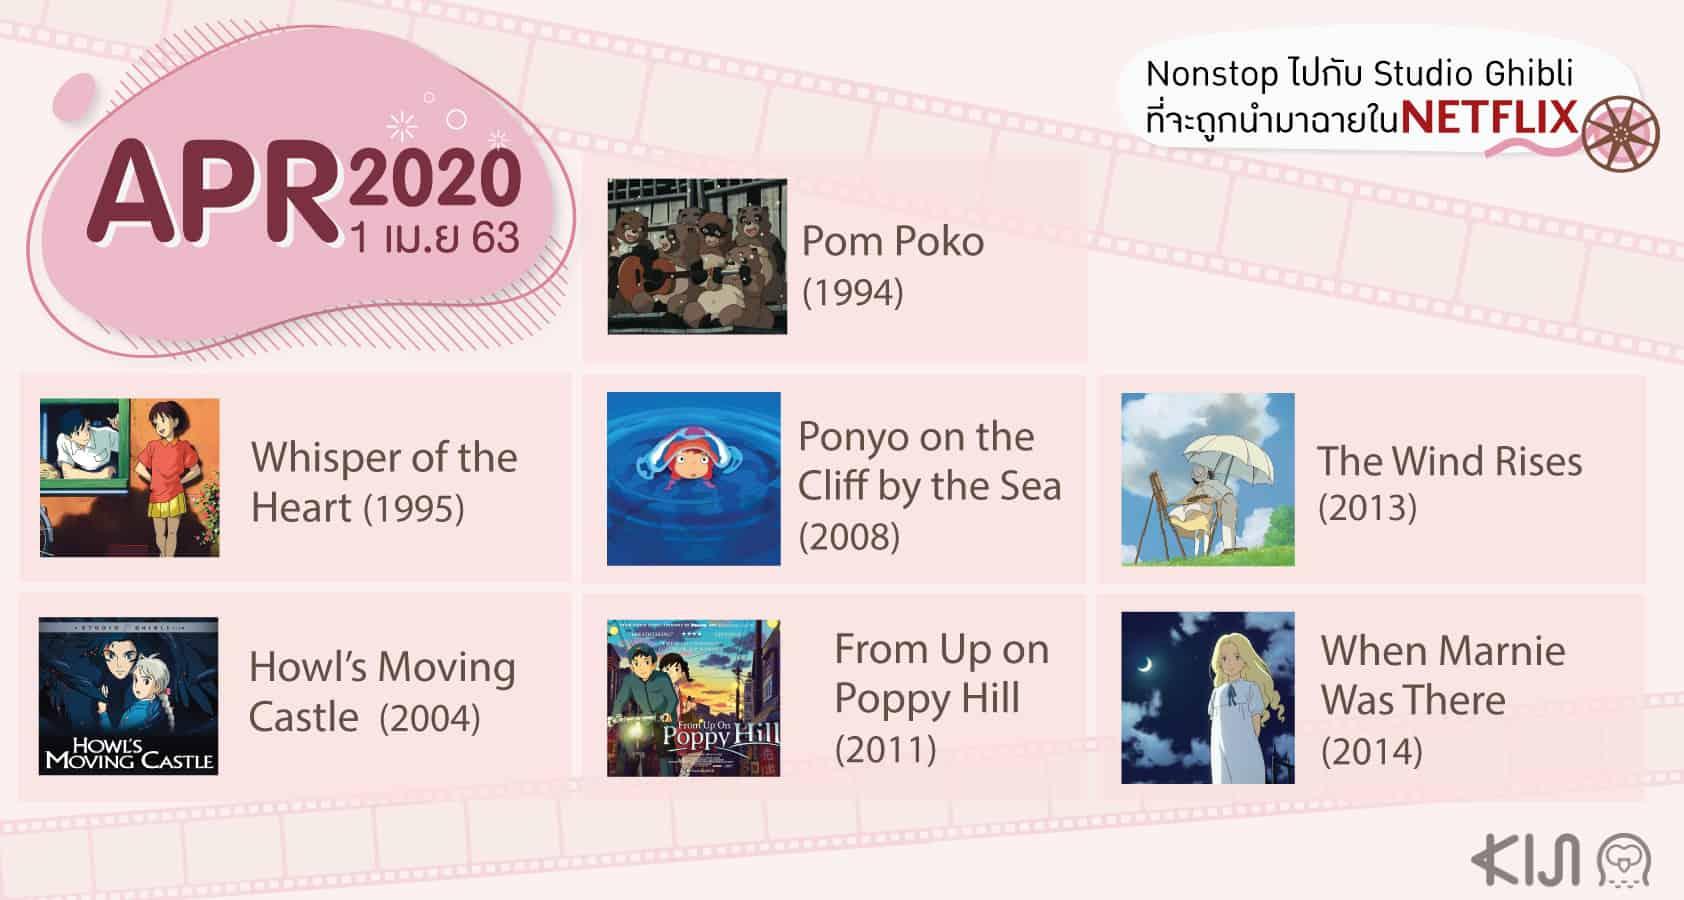 การ์ตูน Studio Ghibli ใน Netflix เมษายน 2020